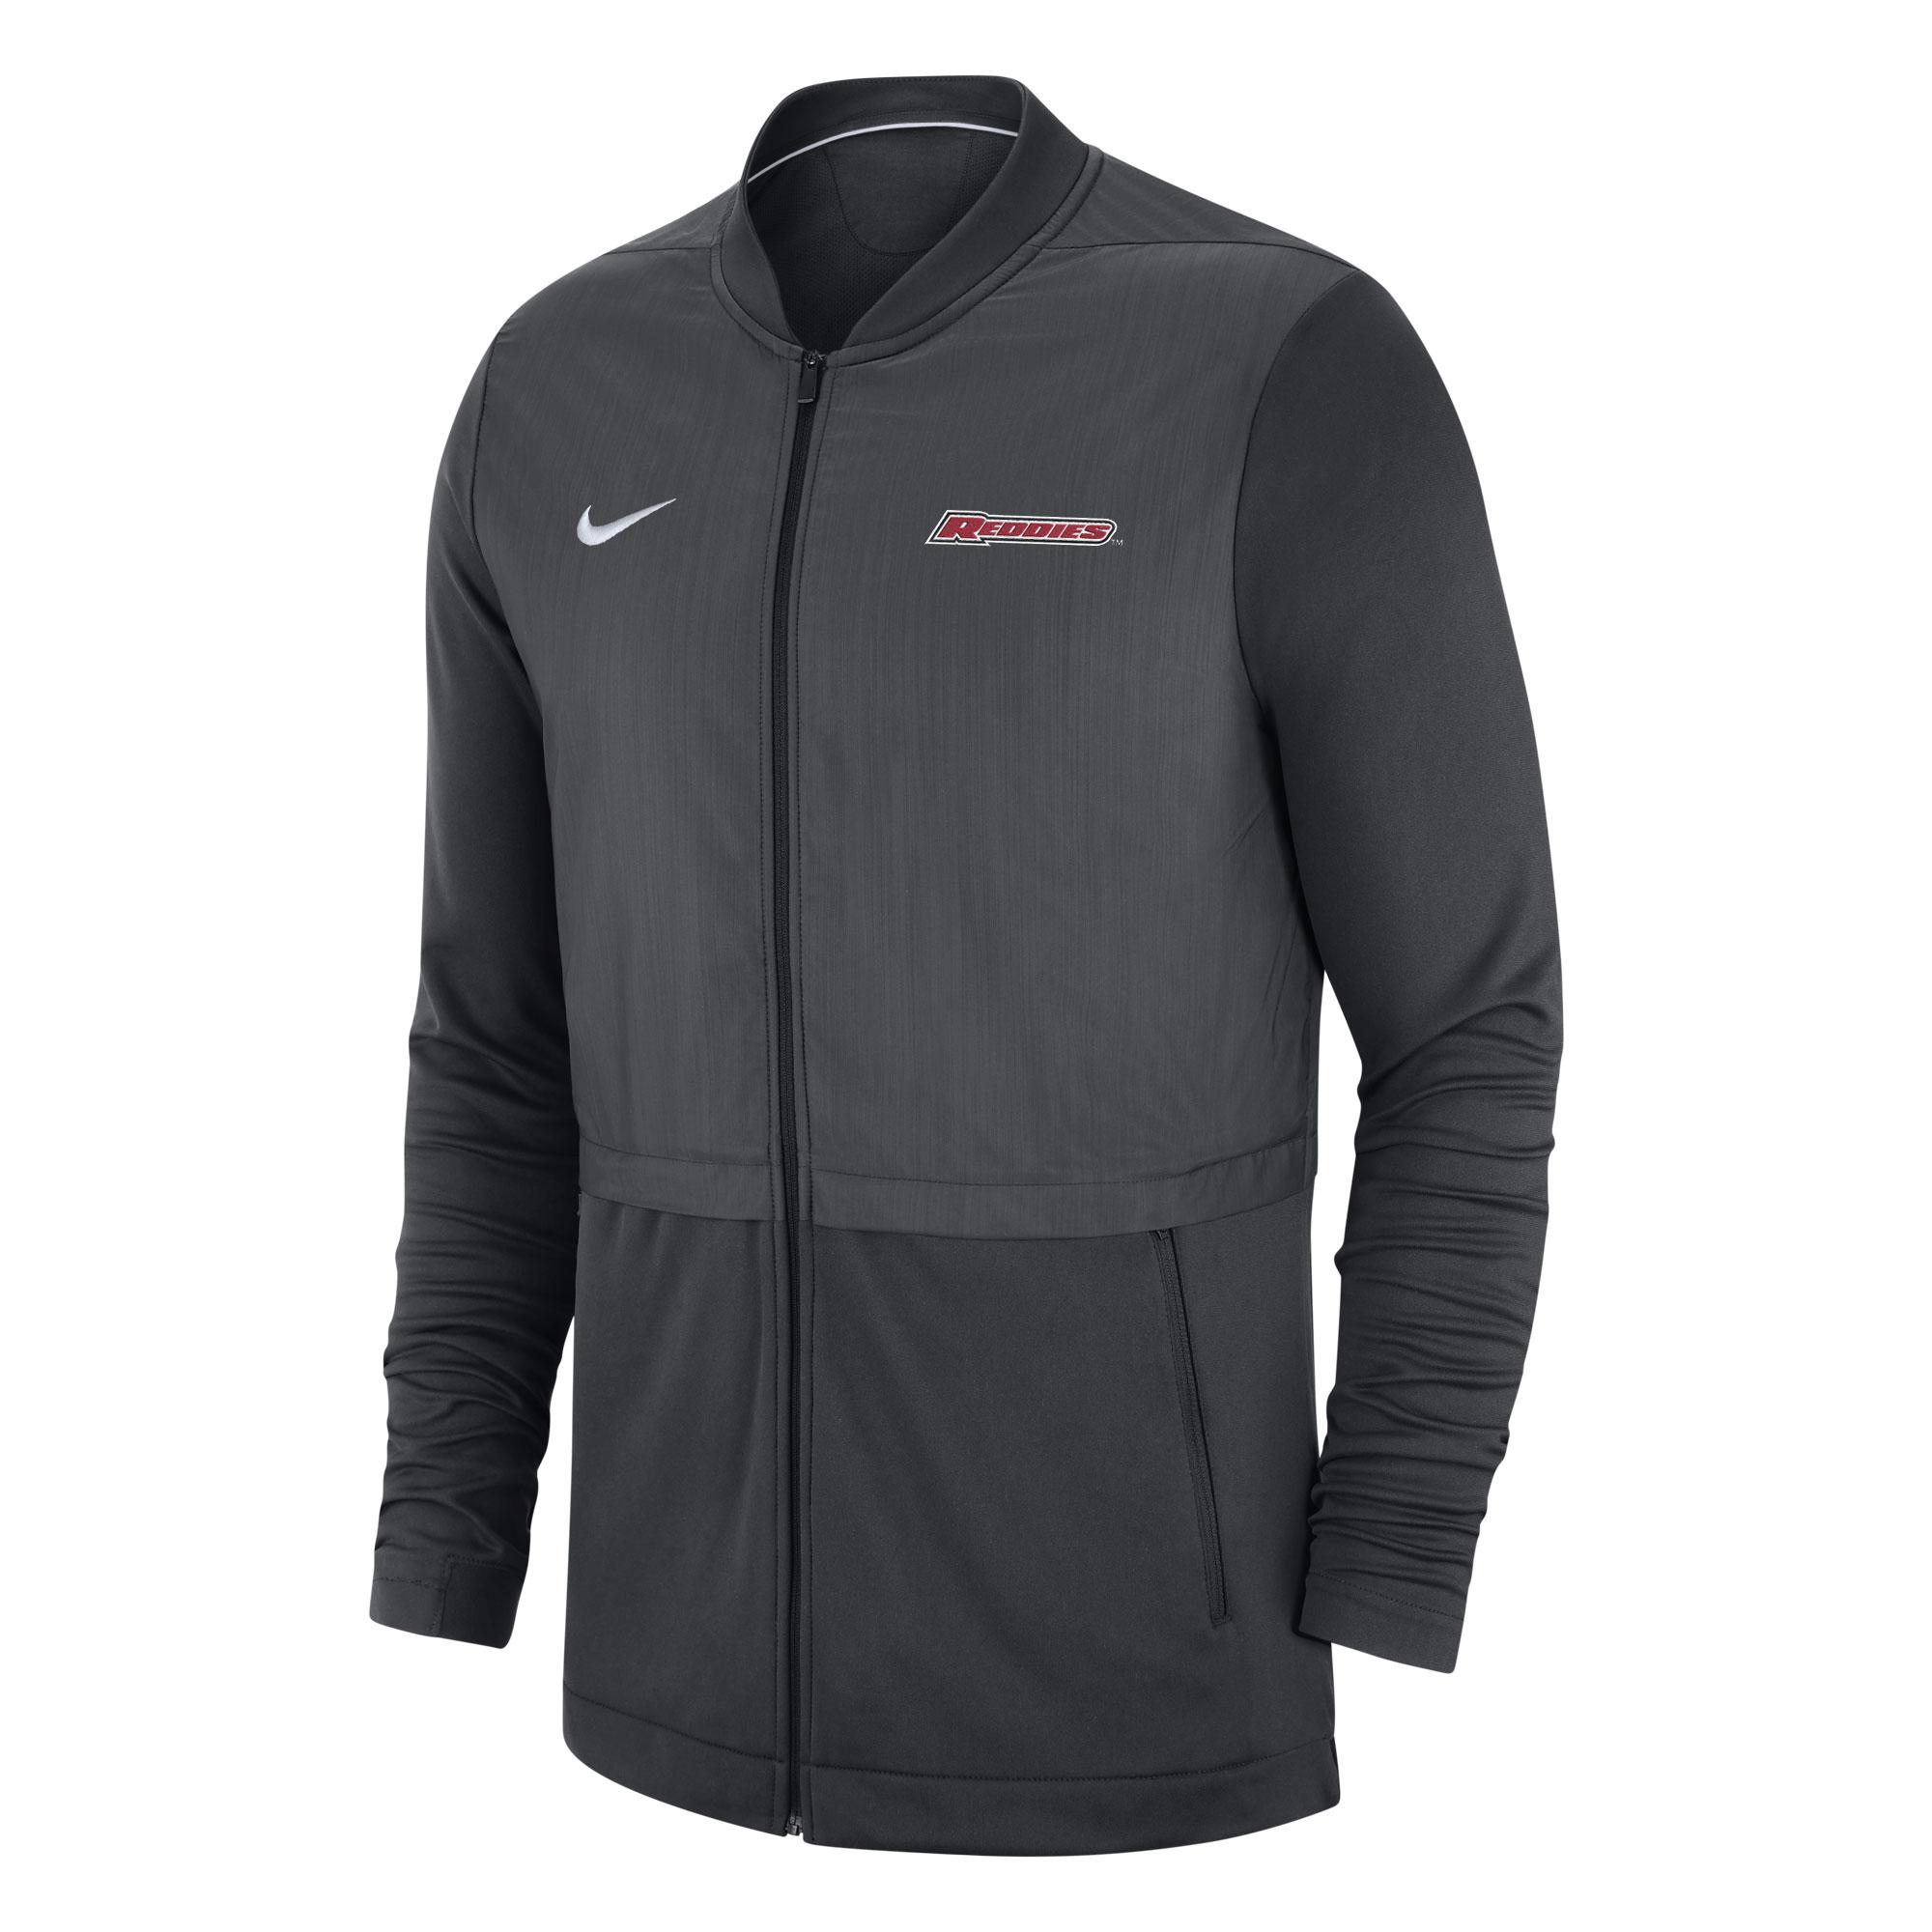 Nike Elite Hybrid Jacket